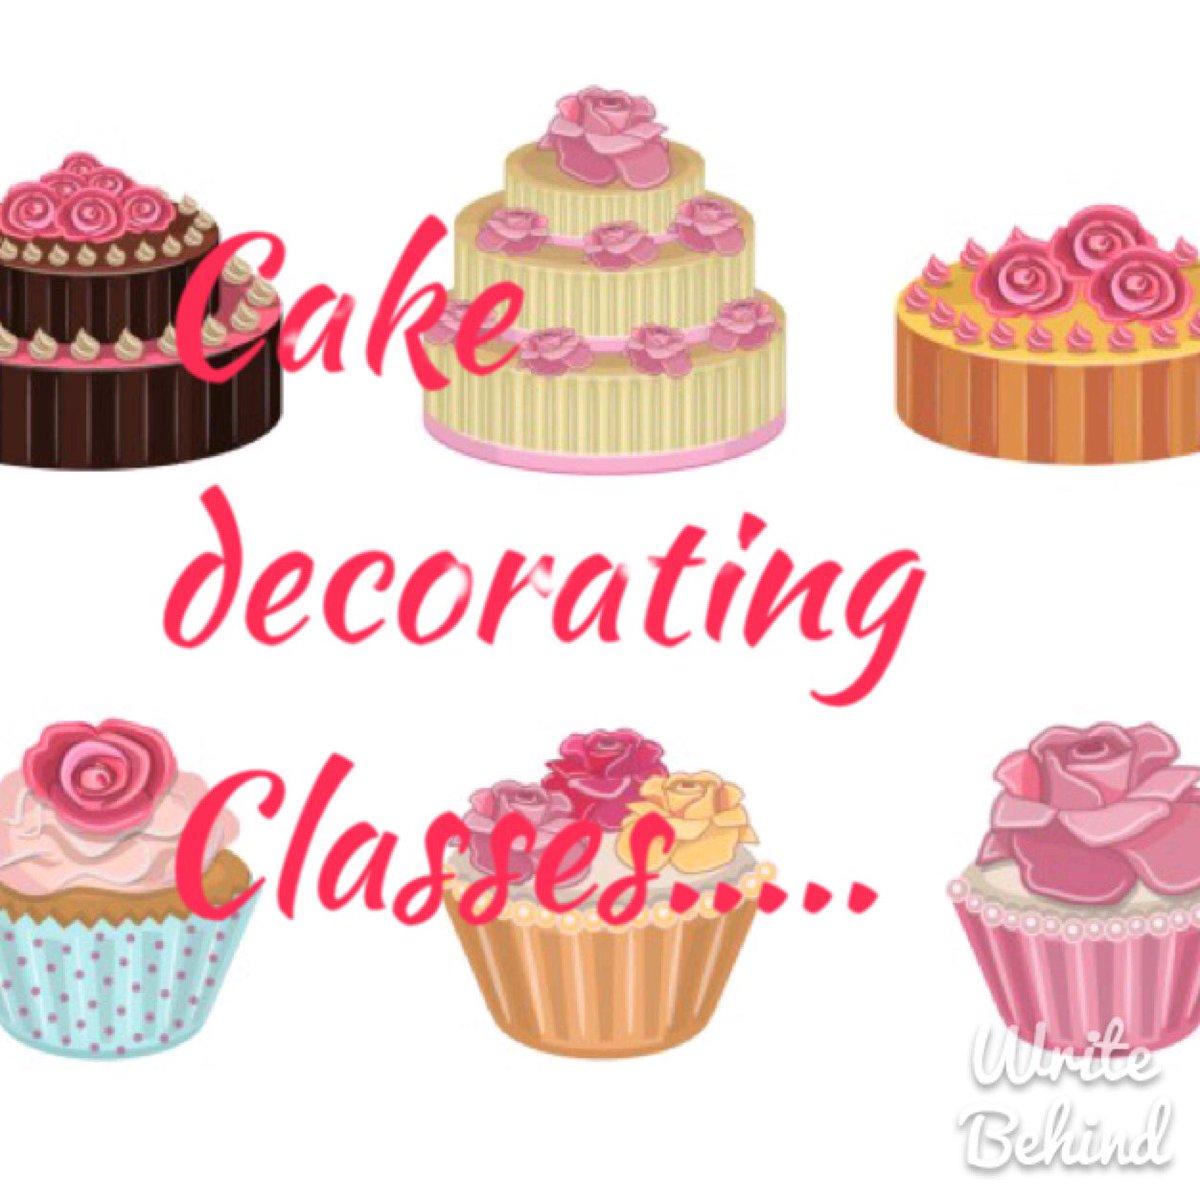 Cake Decorating Classes Zimbabwe : CakesAllRound (@CakesAllRound) Twitter